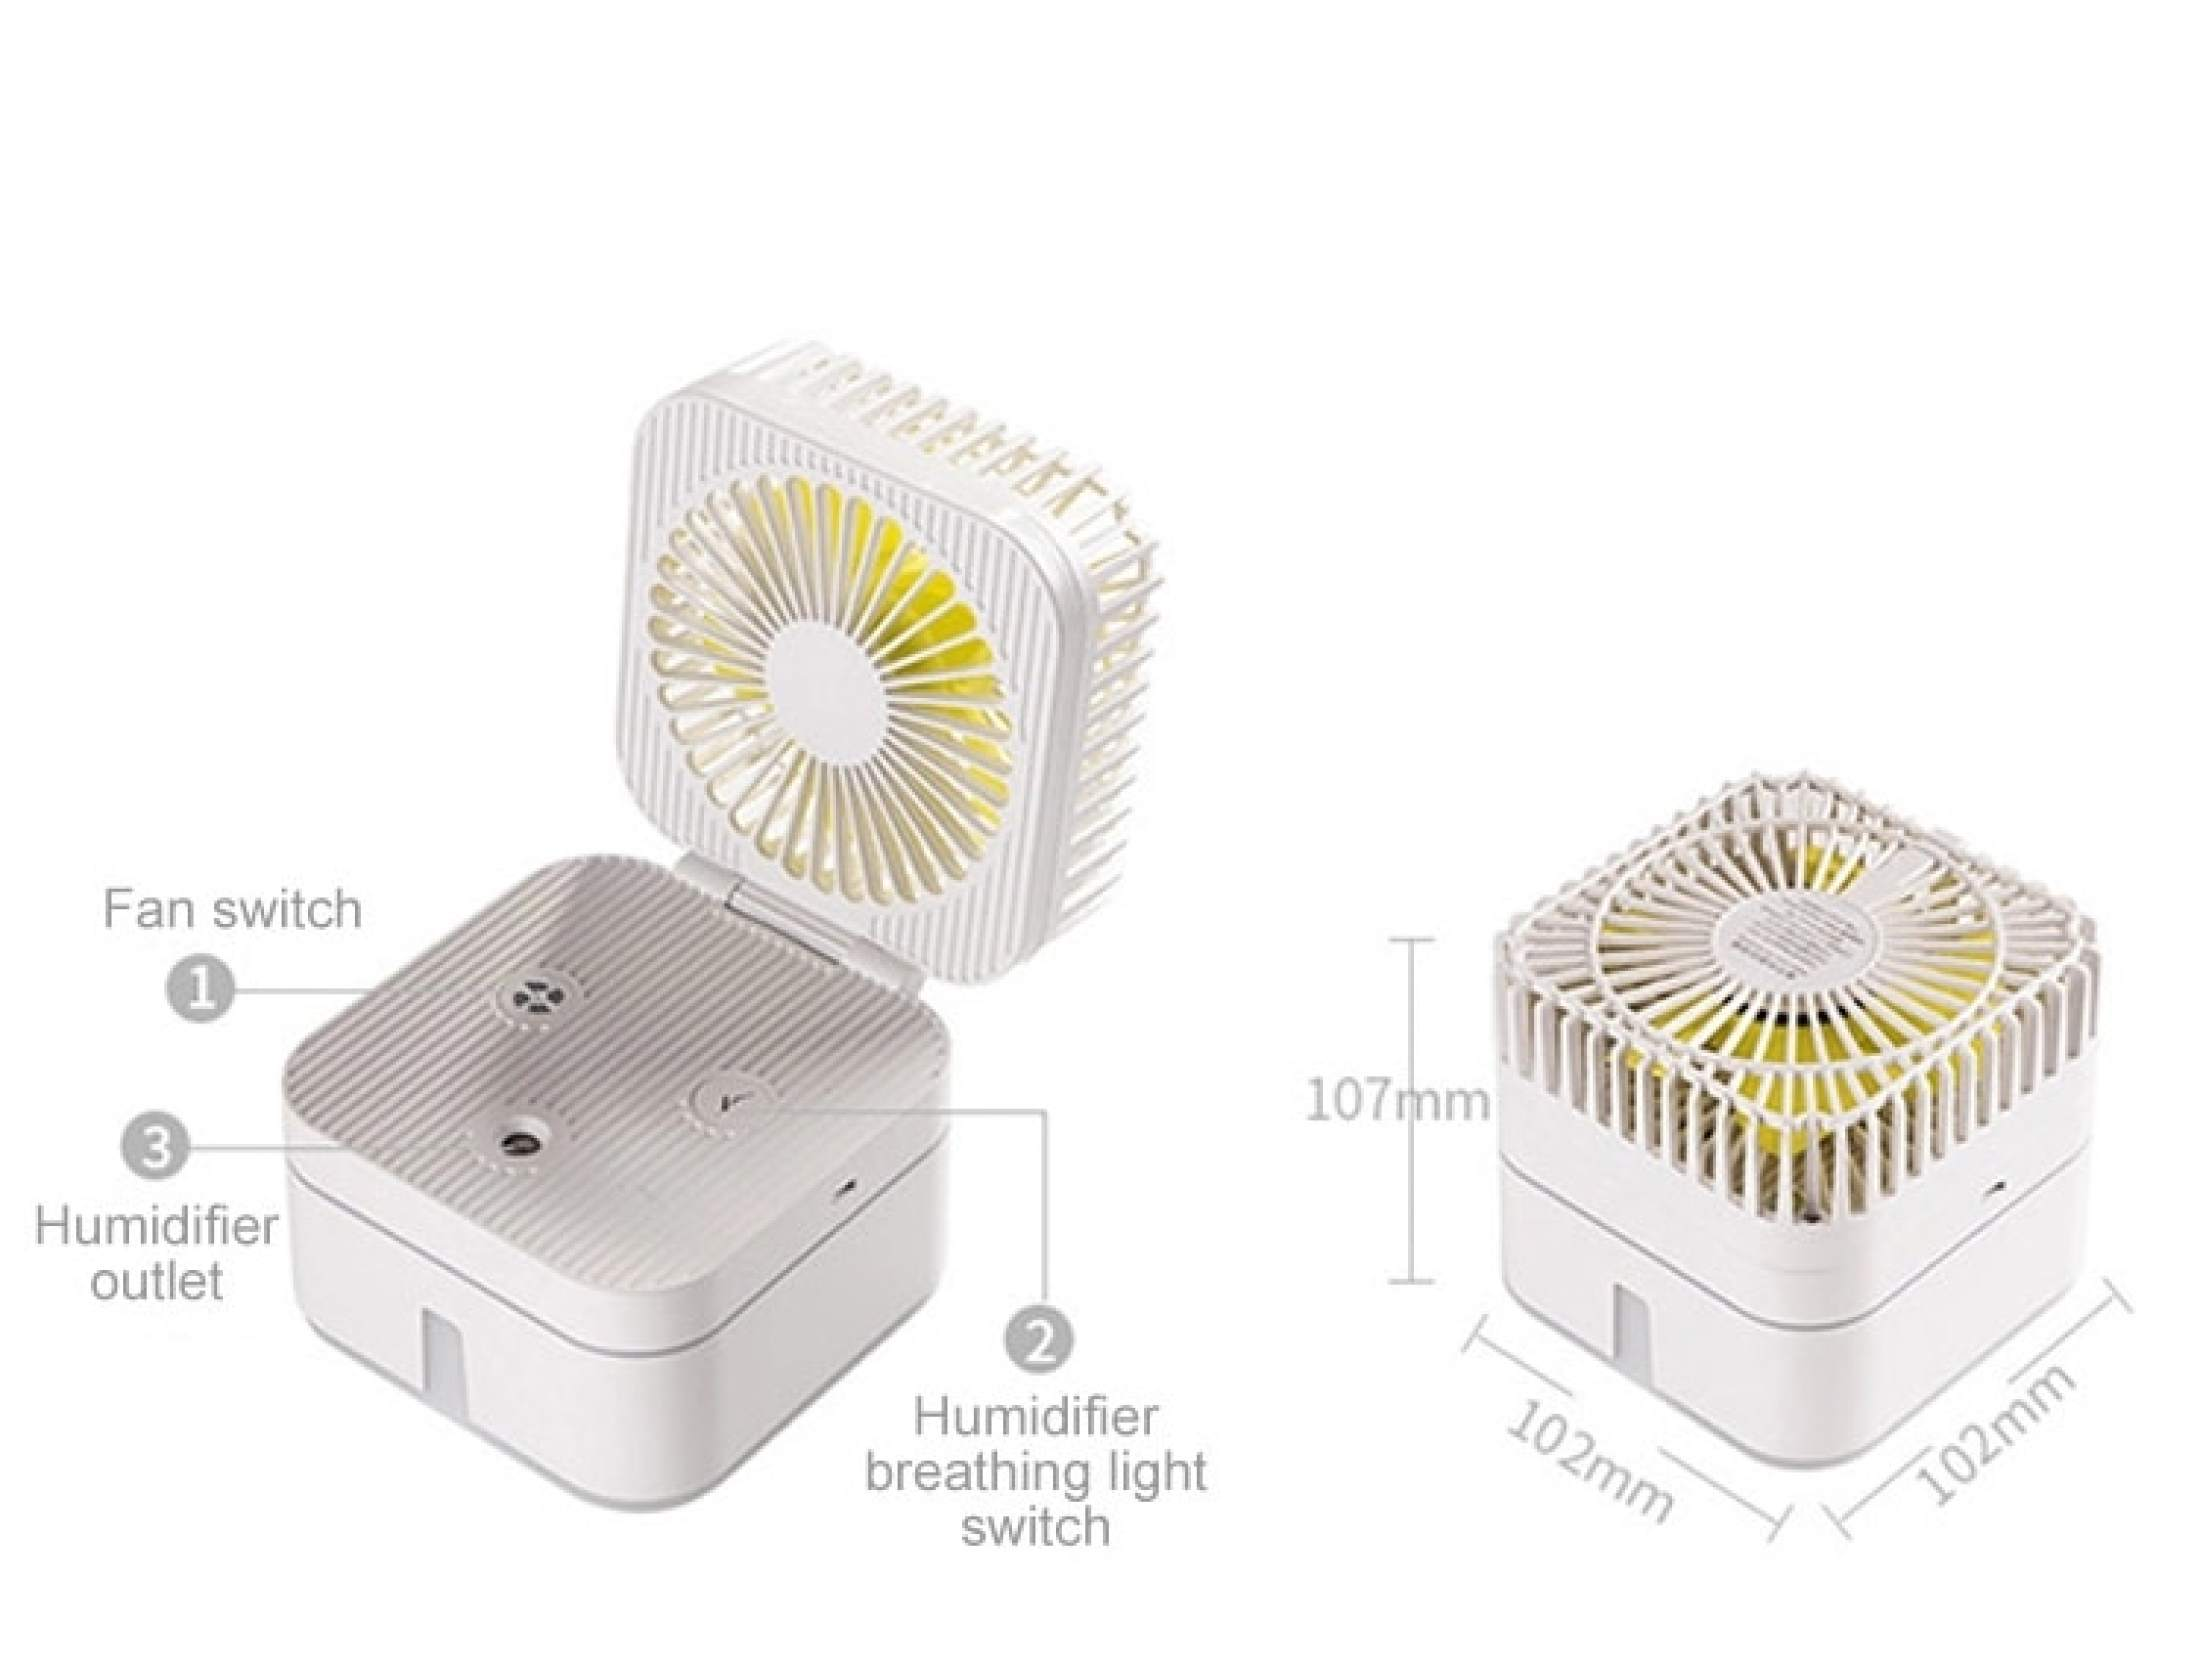 Máy tạo ẩm mini để bàn cắm cổng USB - Kết hợp quạt mini và phun sương tạo ẩm điều hòa không khí trong phòng